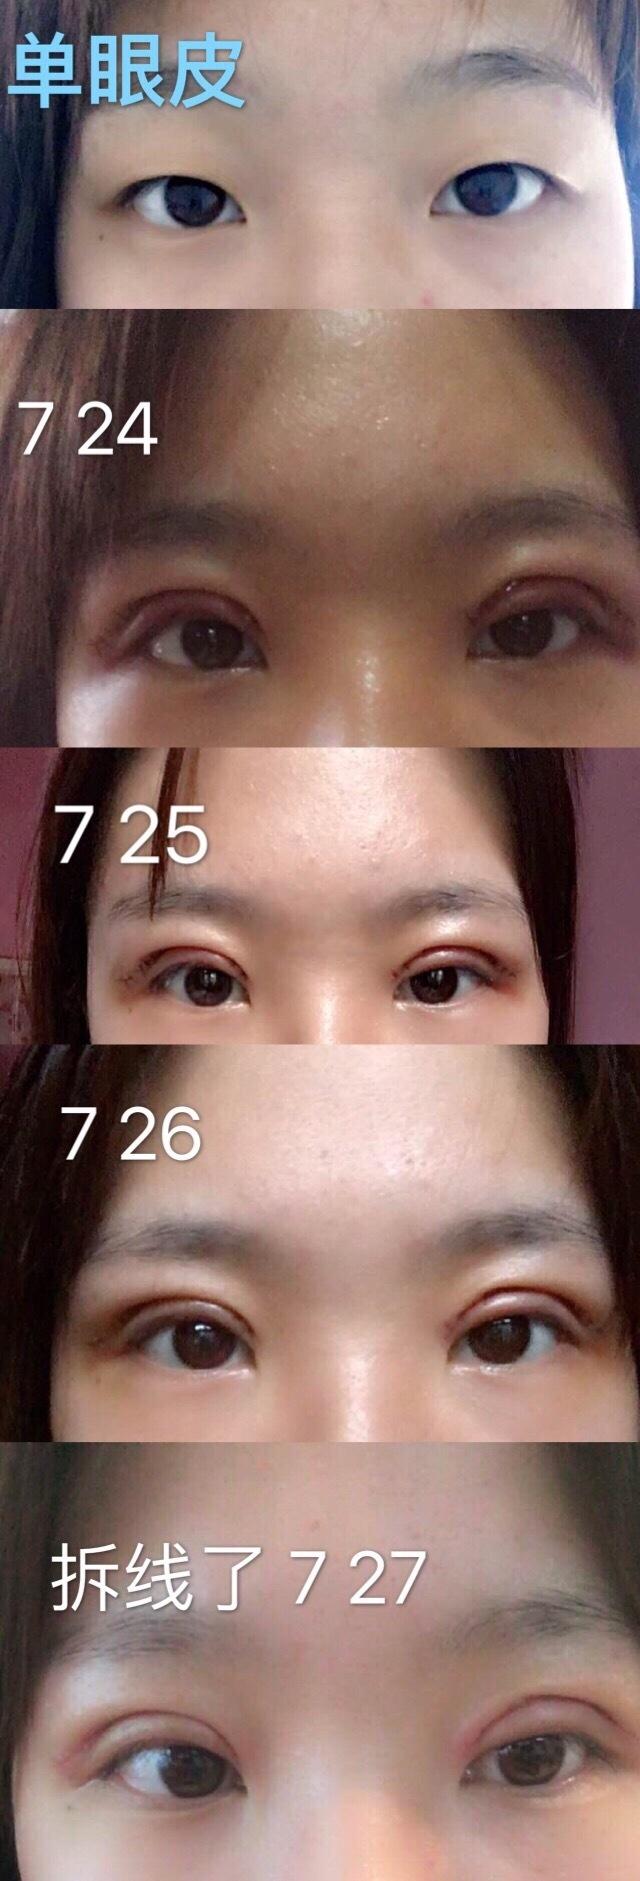 北京八大处陈文医生做的全切双眼皮案例 说说手术的过程